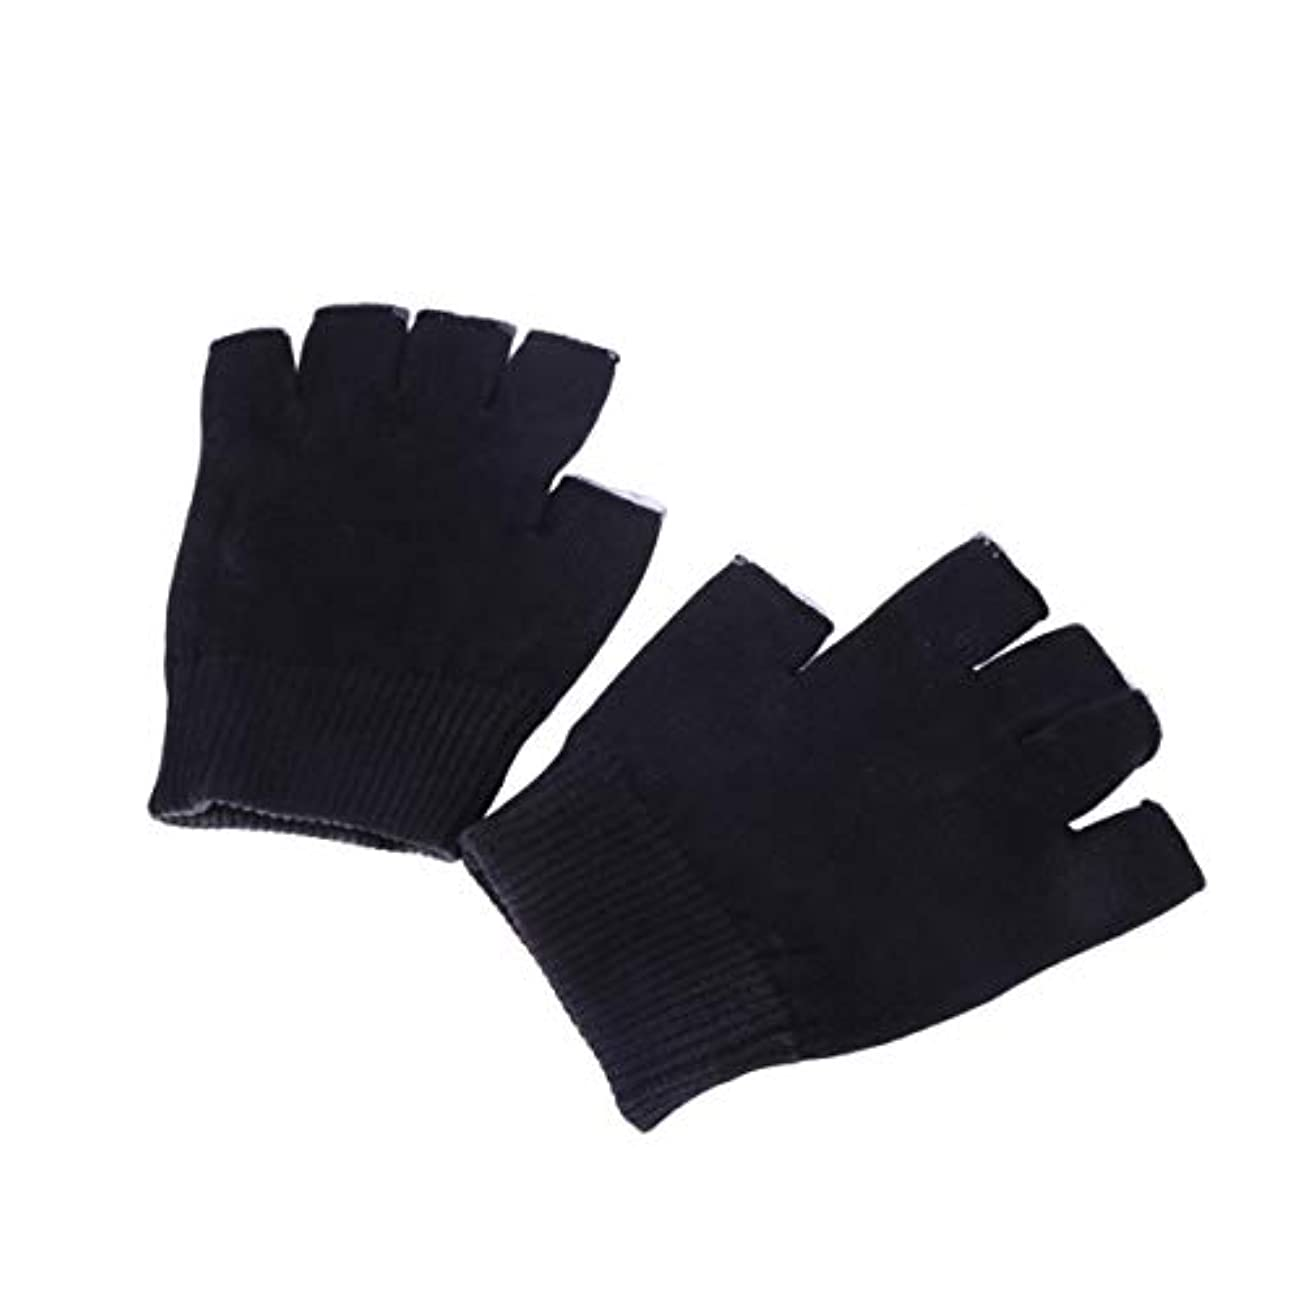 思いつく数字一杯SUPVOX ハンドケア 手袋 指なし ゲル 保湿 美容成分配合 手荒れ 対策 おやすみ スキンケア グローブ うるおい 保護